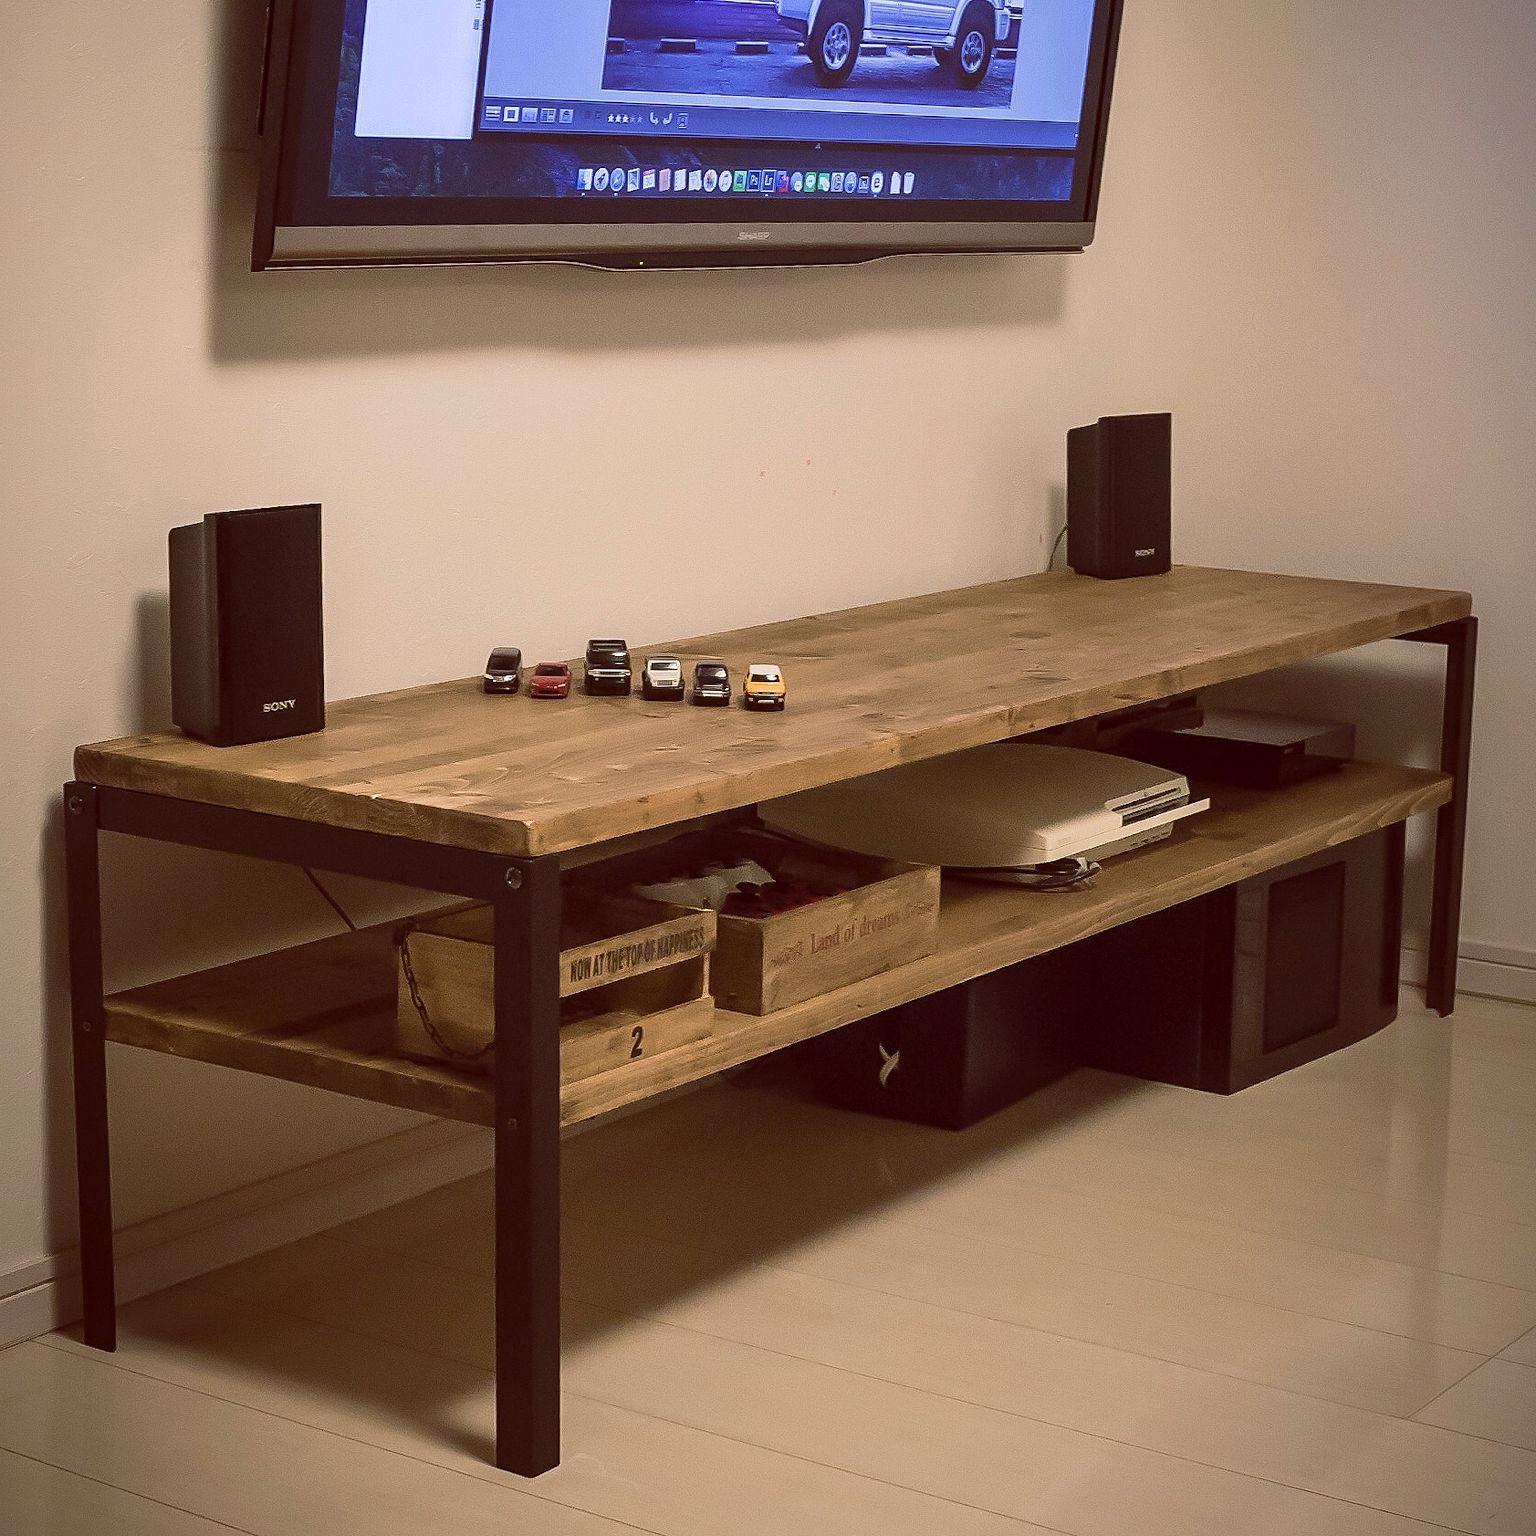 ツーバイ材のテレビ台の塗装 リビング インテリア Diy 手作り家具 インテリア 収納